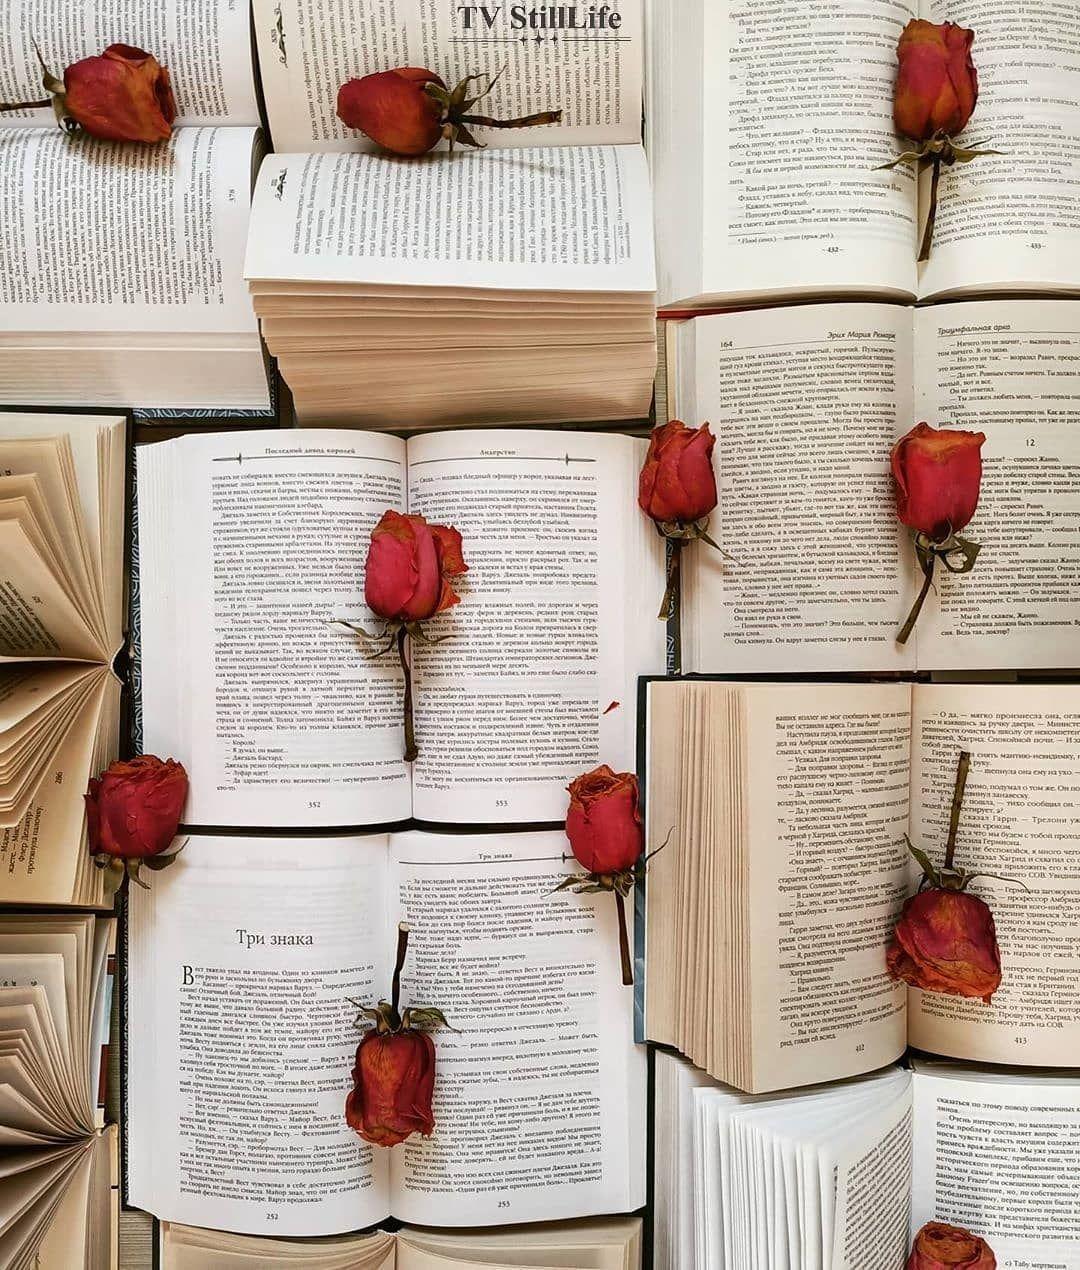 Dieci libri da leggere almeno una volta nella vita